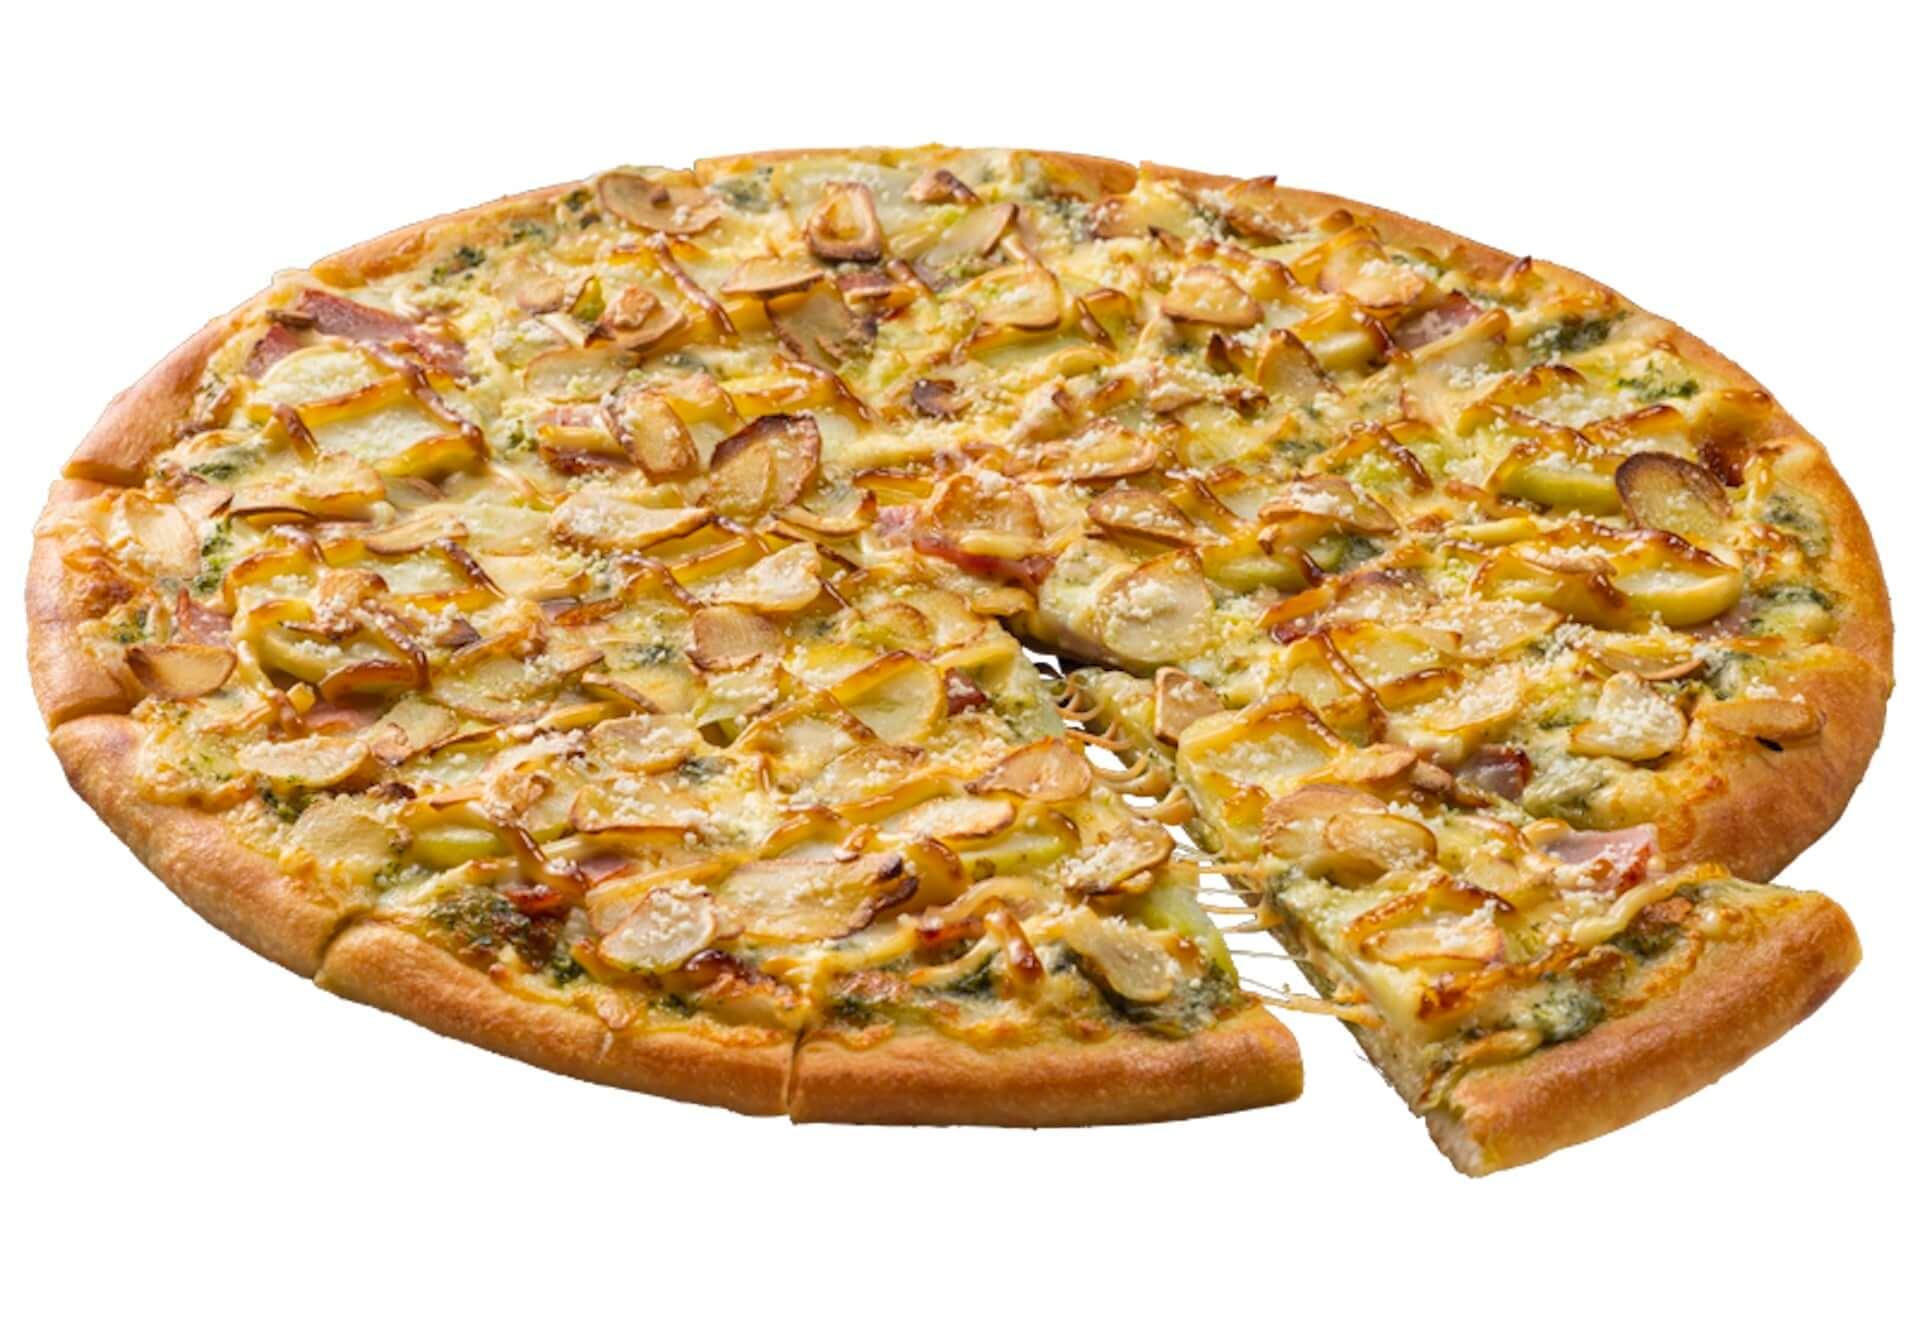 ピザの常識を覆す!?ドミノ・ピザの「裏ドミノ」シリーズ第2弾が期間限定で発売 『3kgポテト』『欲望の塊クワトロ』も登場 gourmet200713_dominos_pizza_5-1920x1320